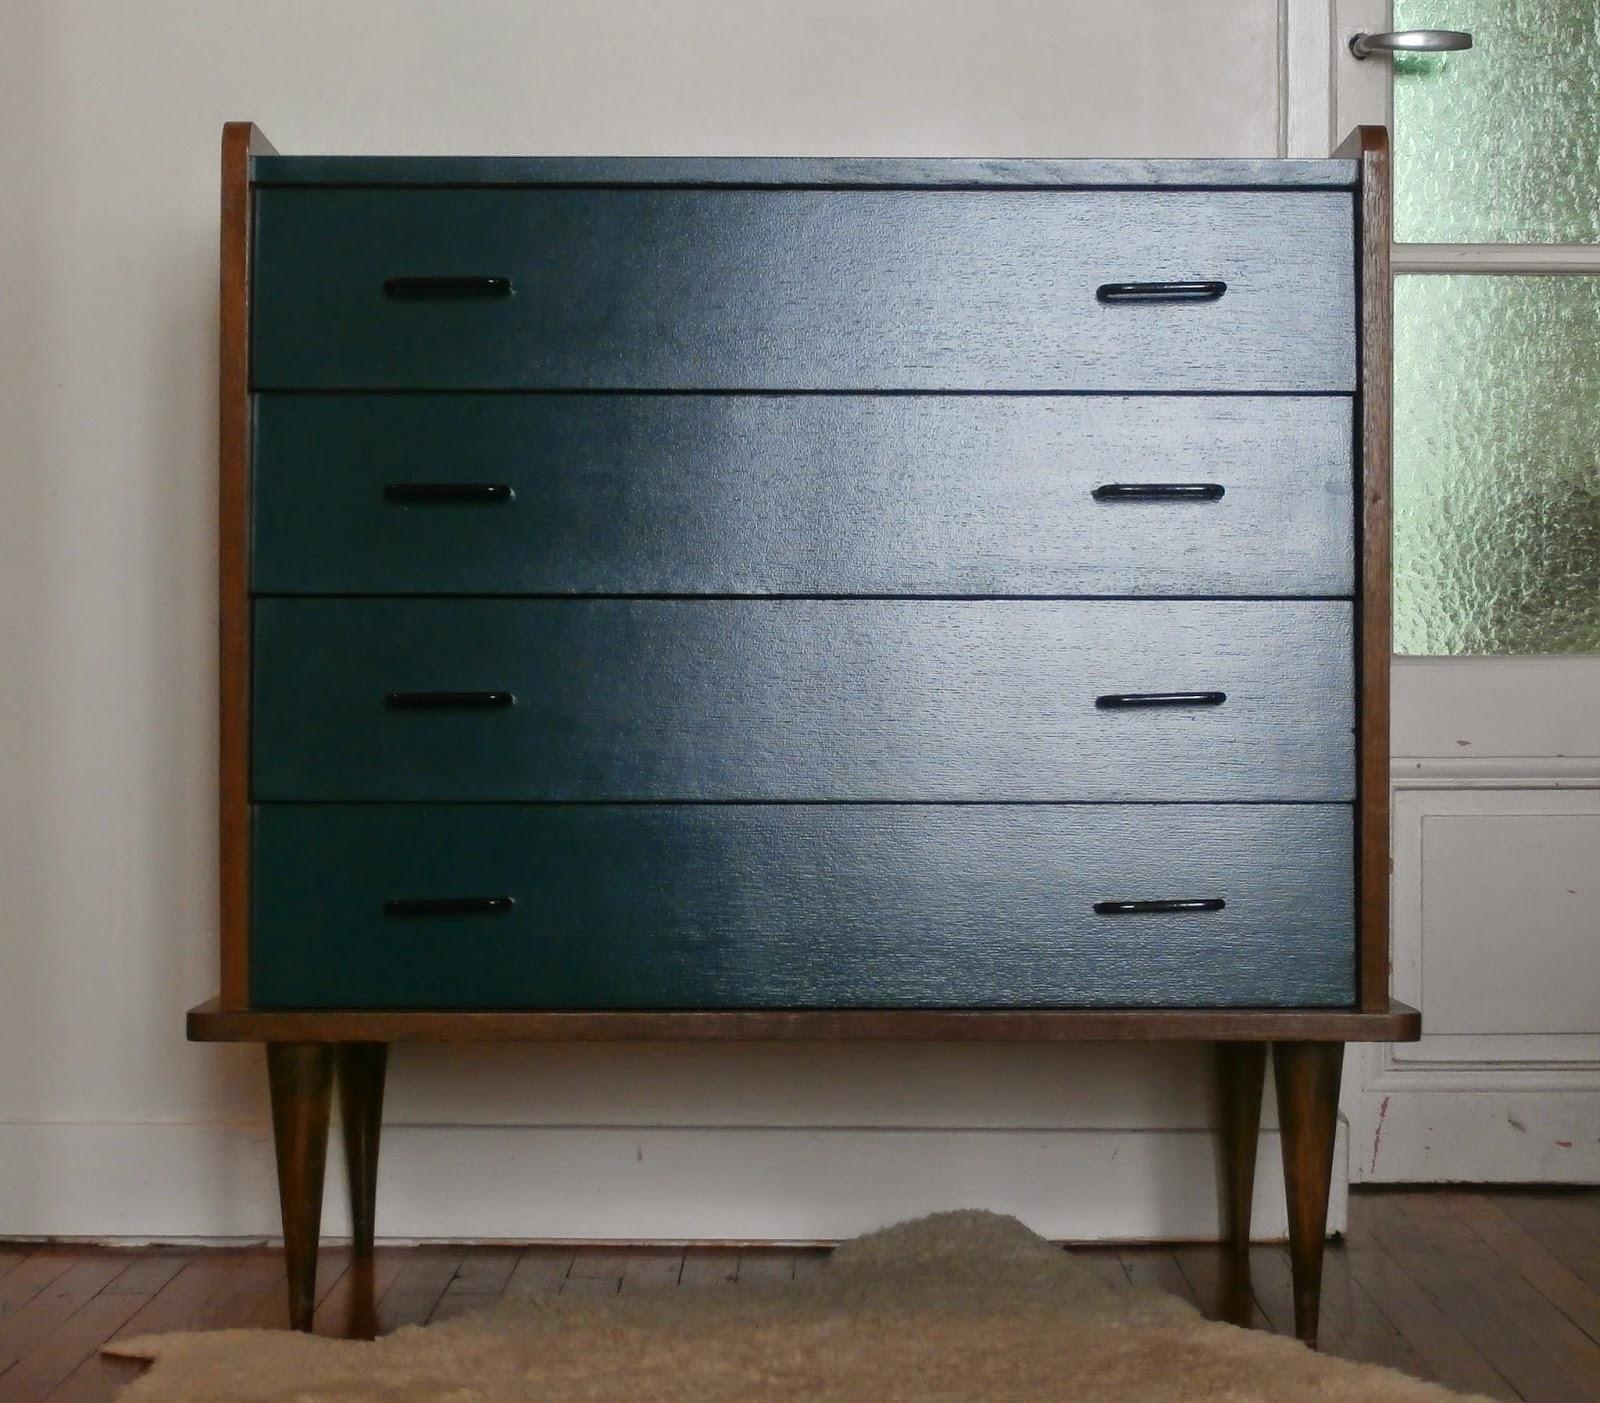 dur e de vie ind termin e commode tiroirs en biais bleu p trole. Black Bedroom Furniture Sets. Home Design Ideas